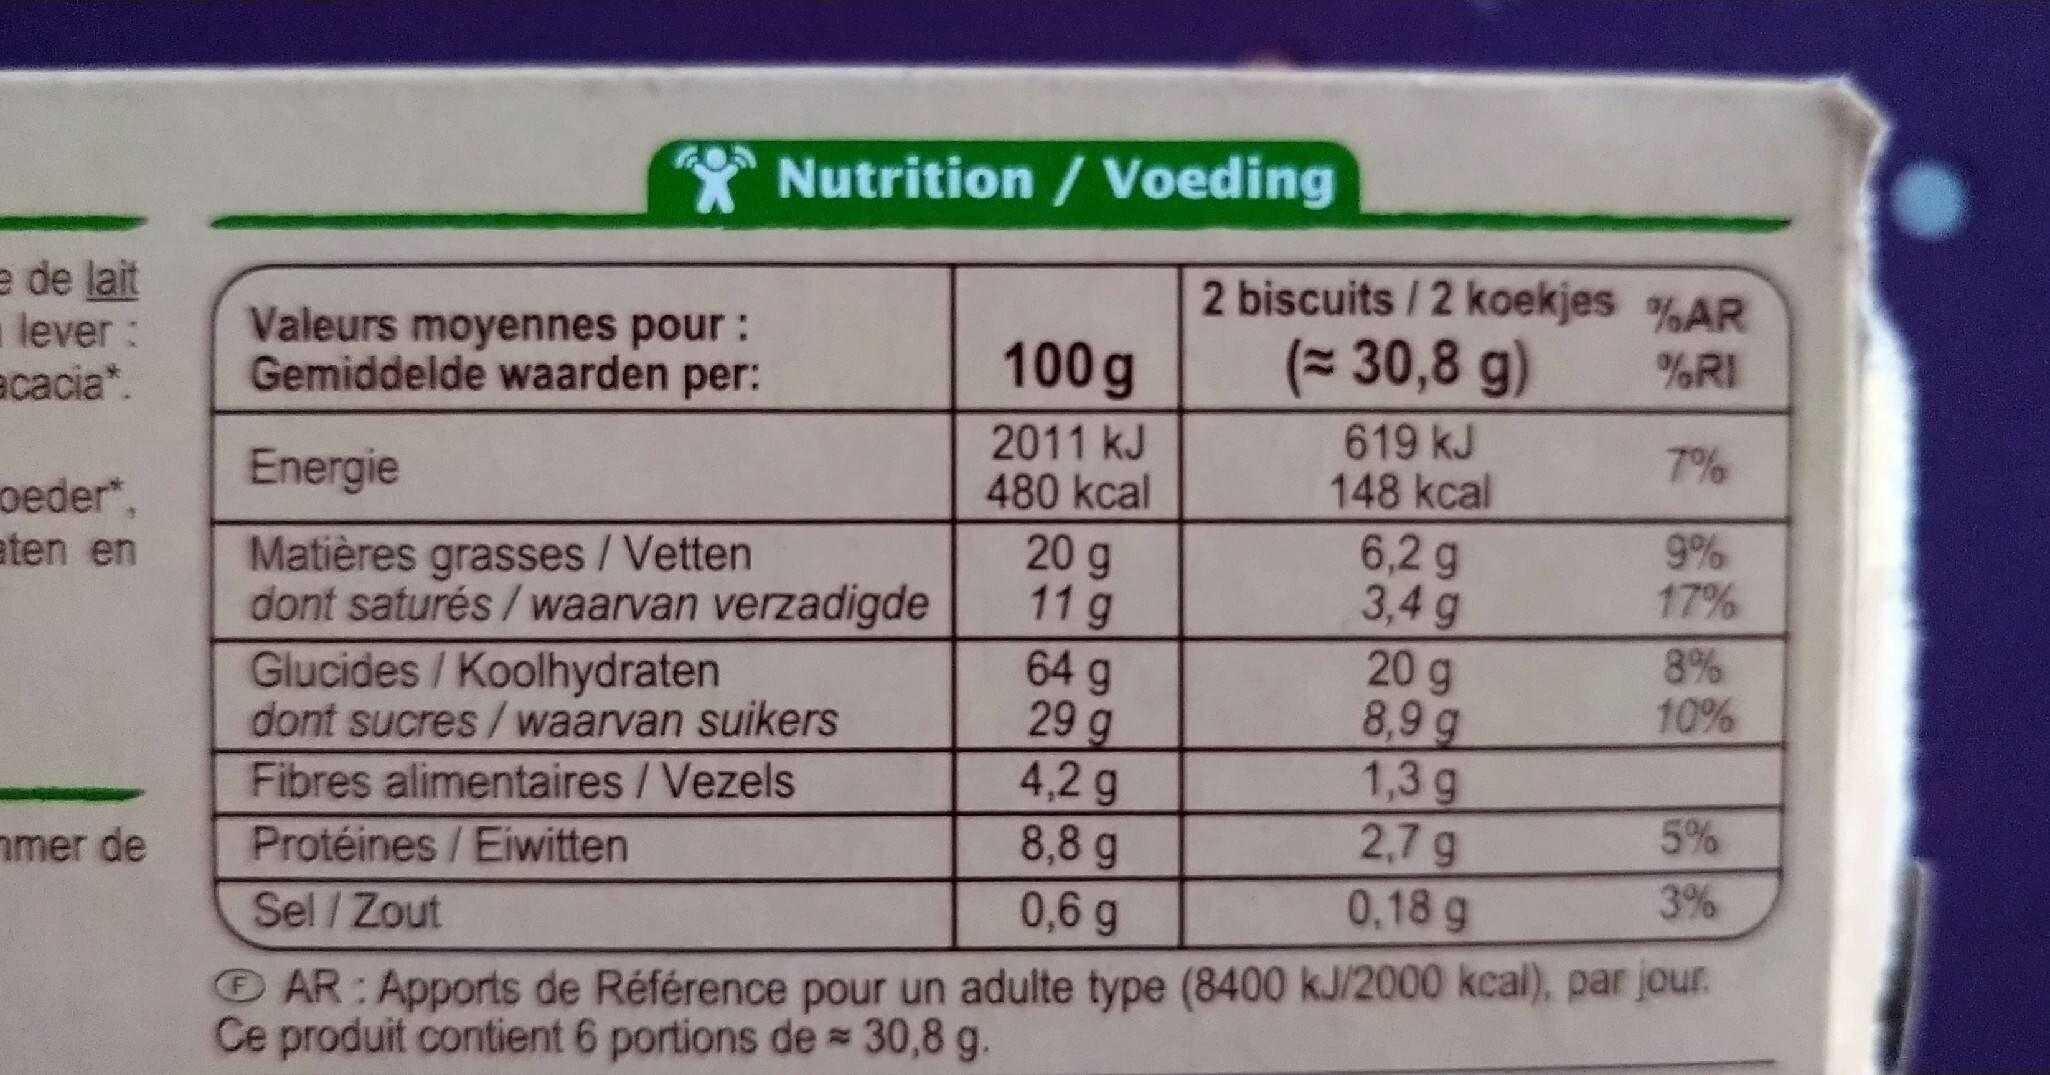 Fourrés au cacao - Informations nutritionnelles - fr